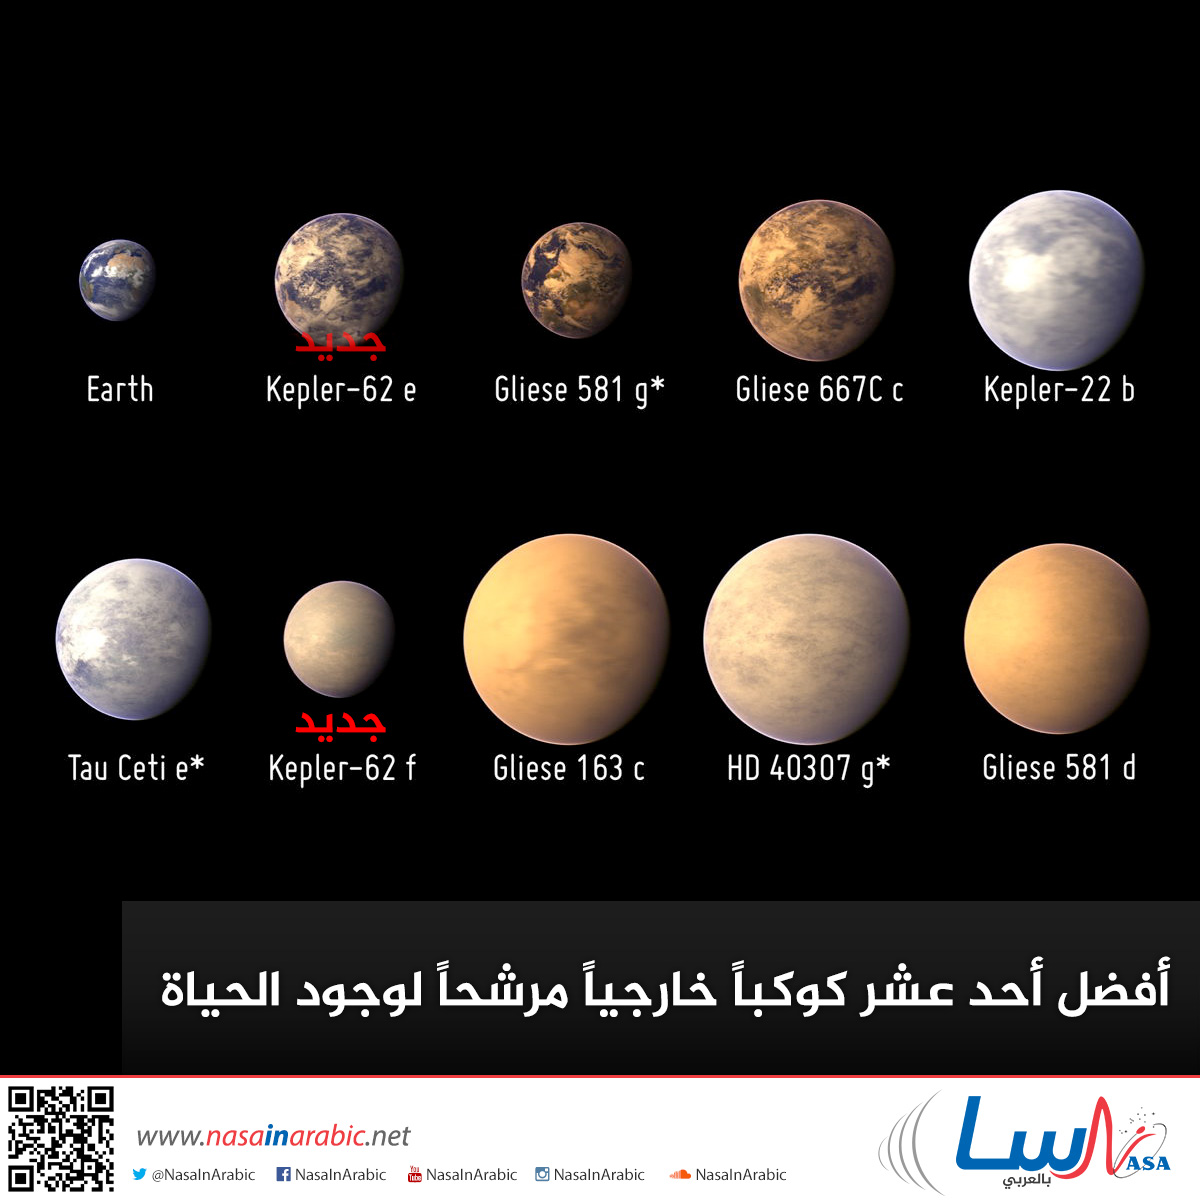 أفضل أحد عشر كوكباً خارجياً مرشحاً لوجود الحياة